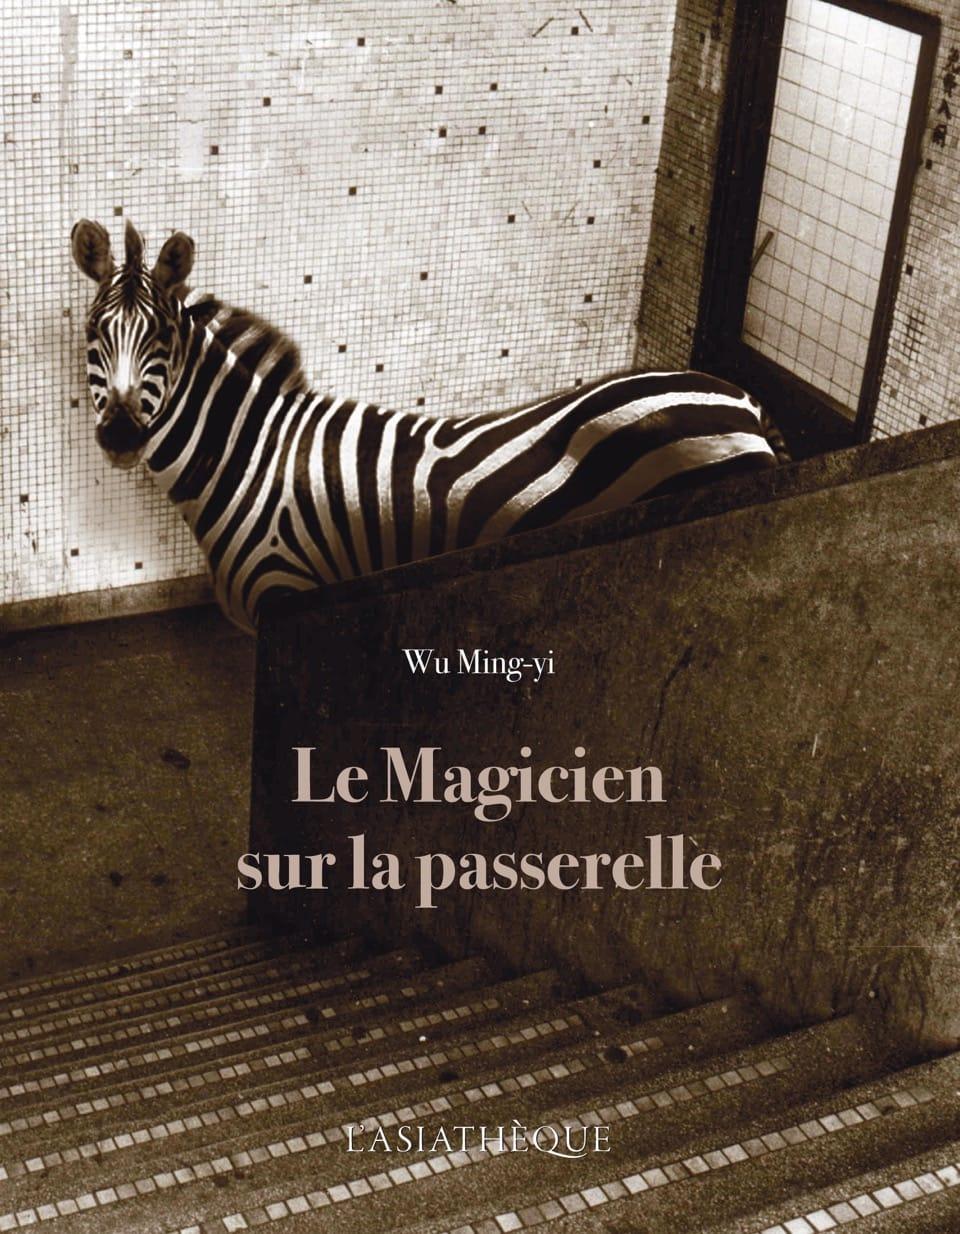 Le Magicien sur la passerelle Ming-yi Wu couverture livre